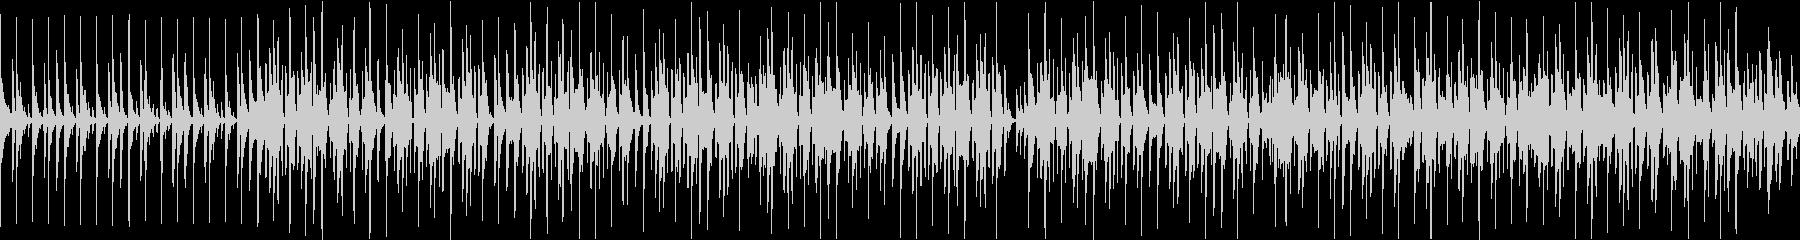 ラジオ・動画・番組等のナレーションBGMの未再生の波形